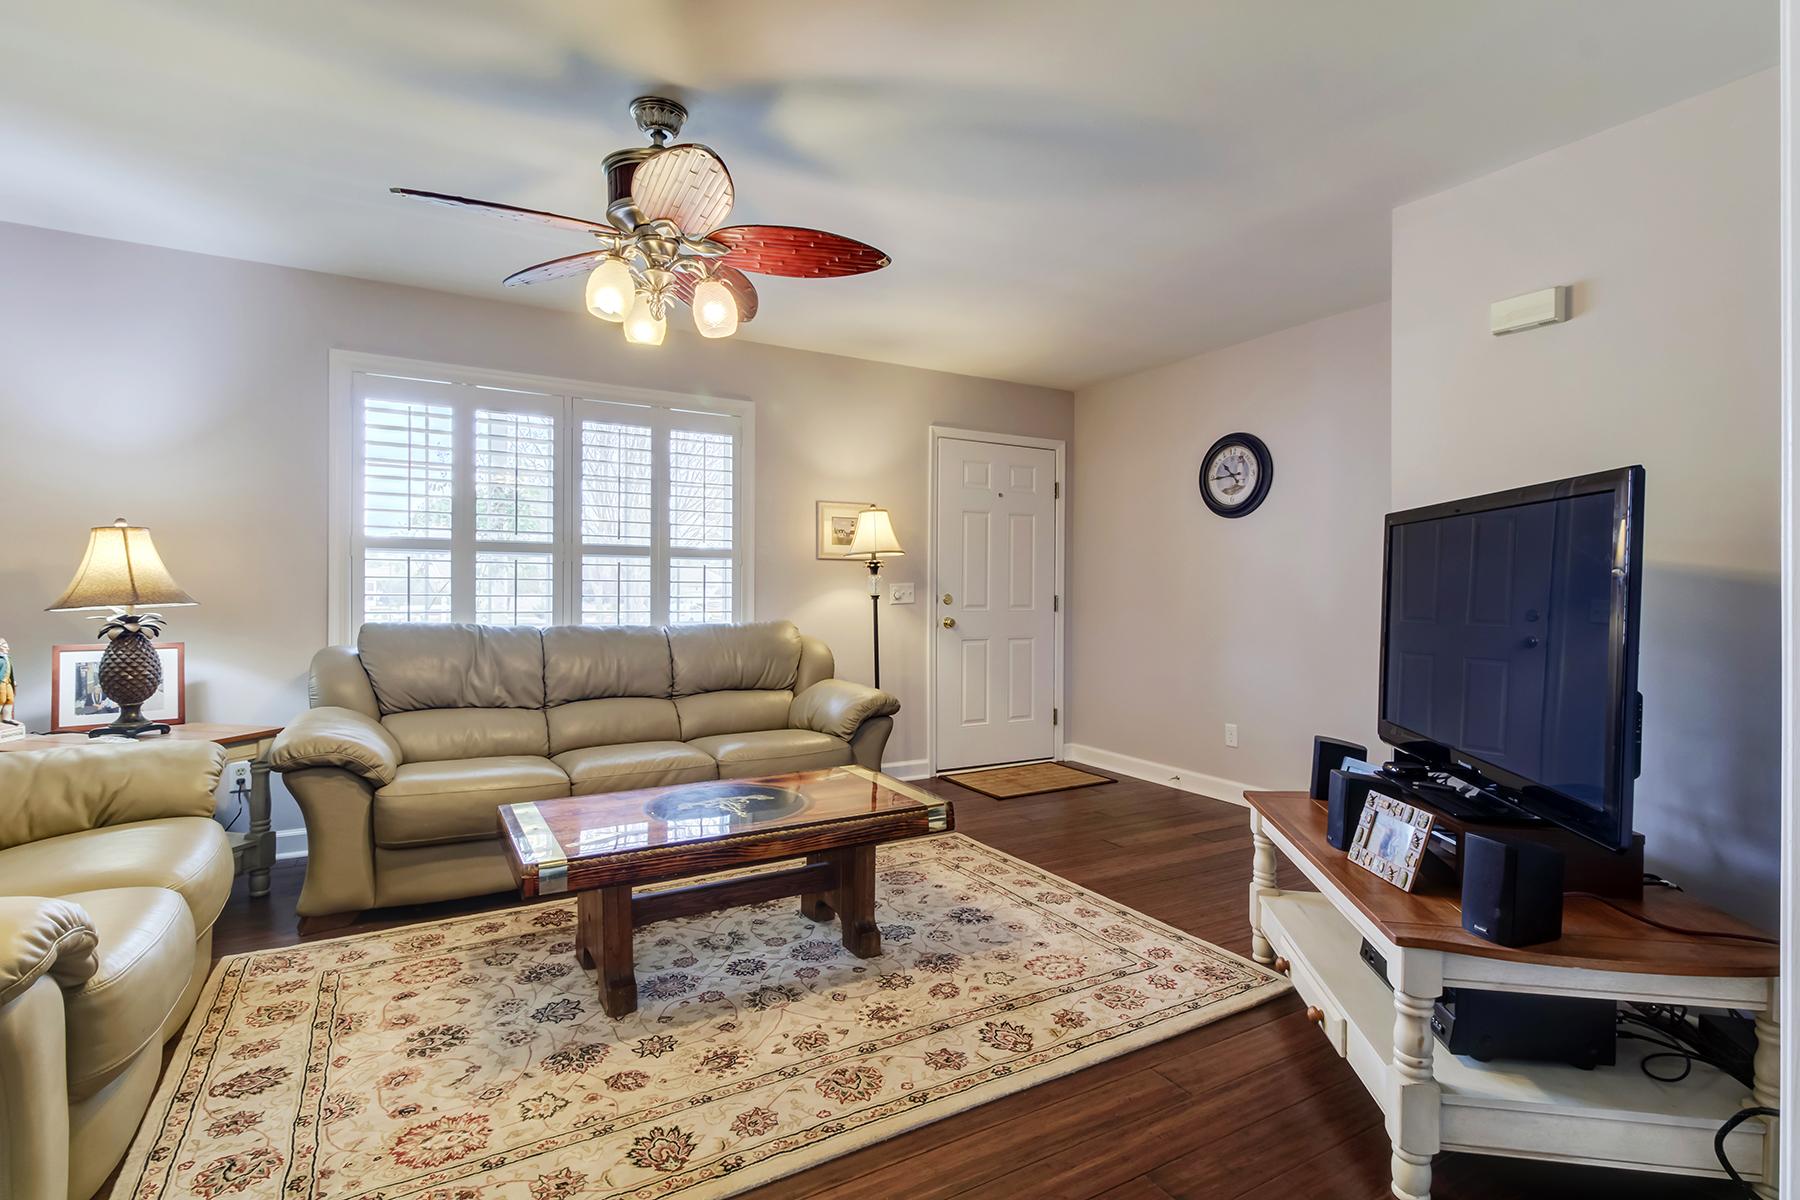 단독 가정 주택 용 매매 에 406 Seaview Ct , Dagsboro, DE 19939 406 Seaview Ct, Dagsboro, 델라웨어 19939 미국